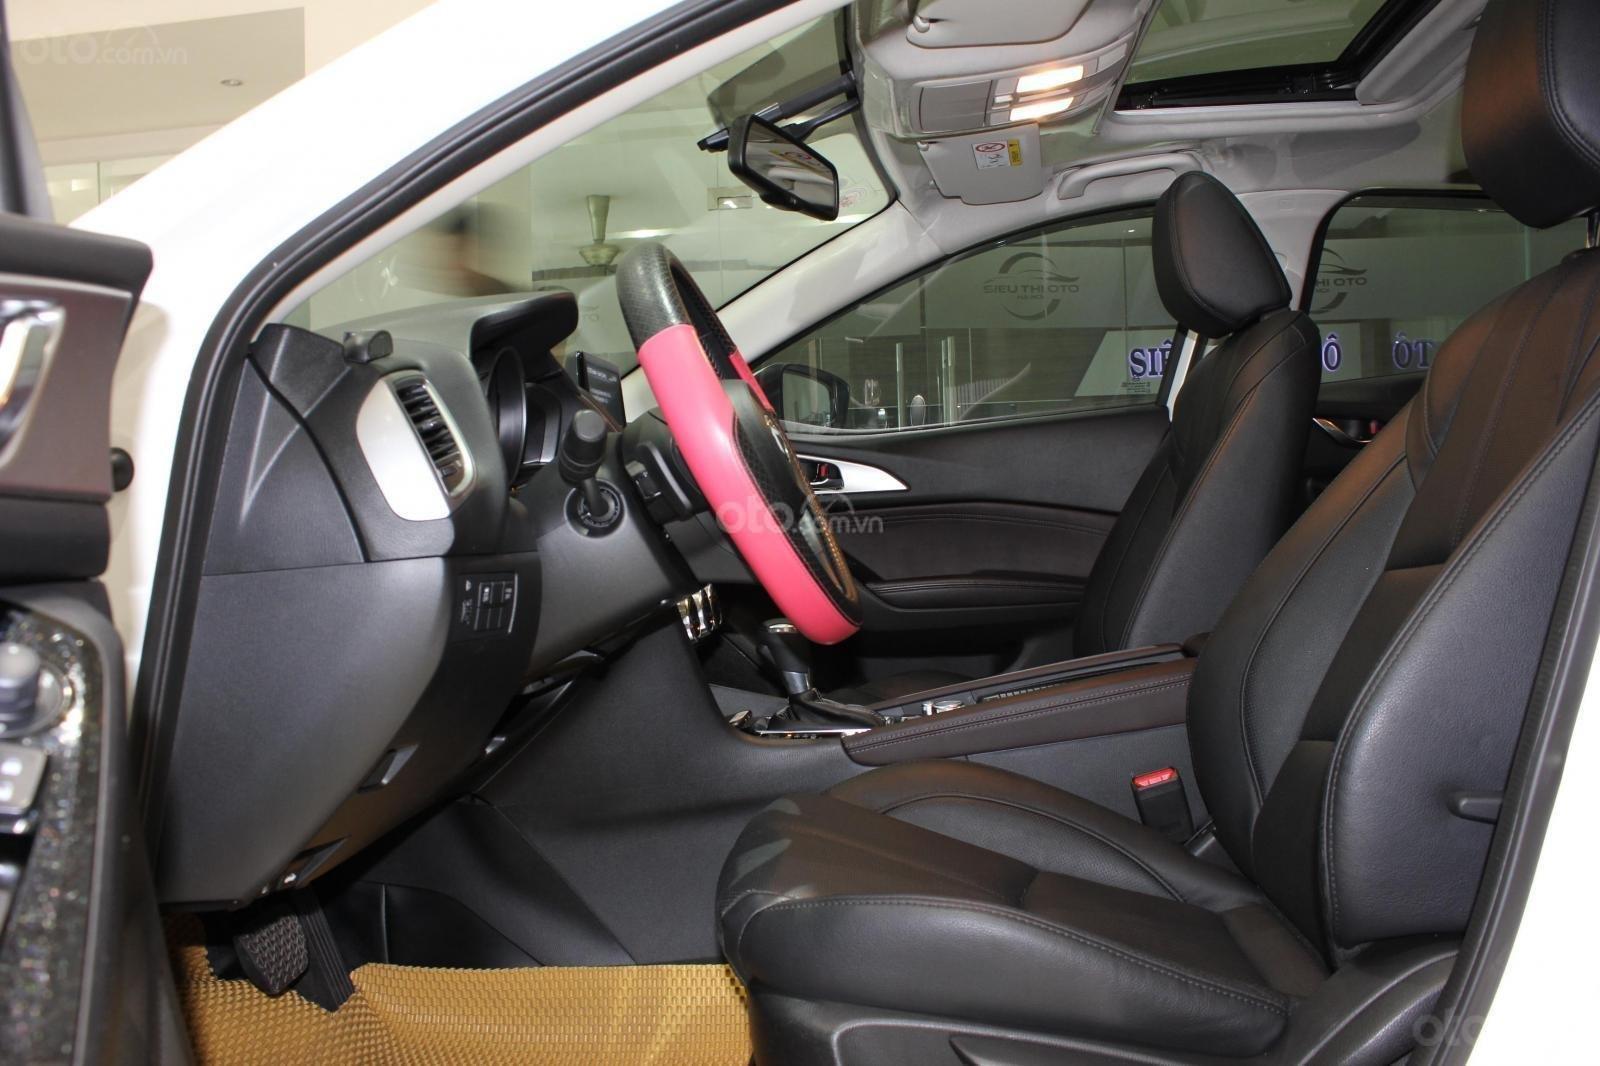 Chính chủ cần bán Mazda 3 2017 bản hatchback màu trắng, số tự động, full option (17)